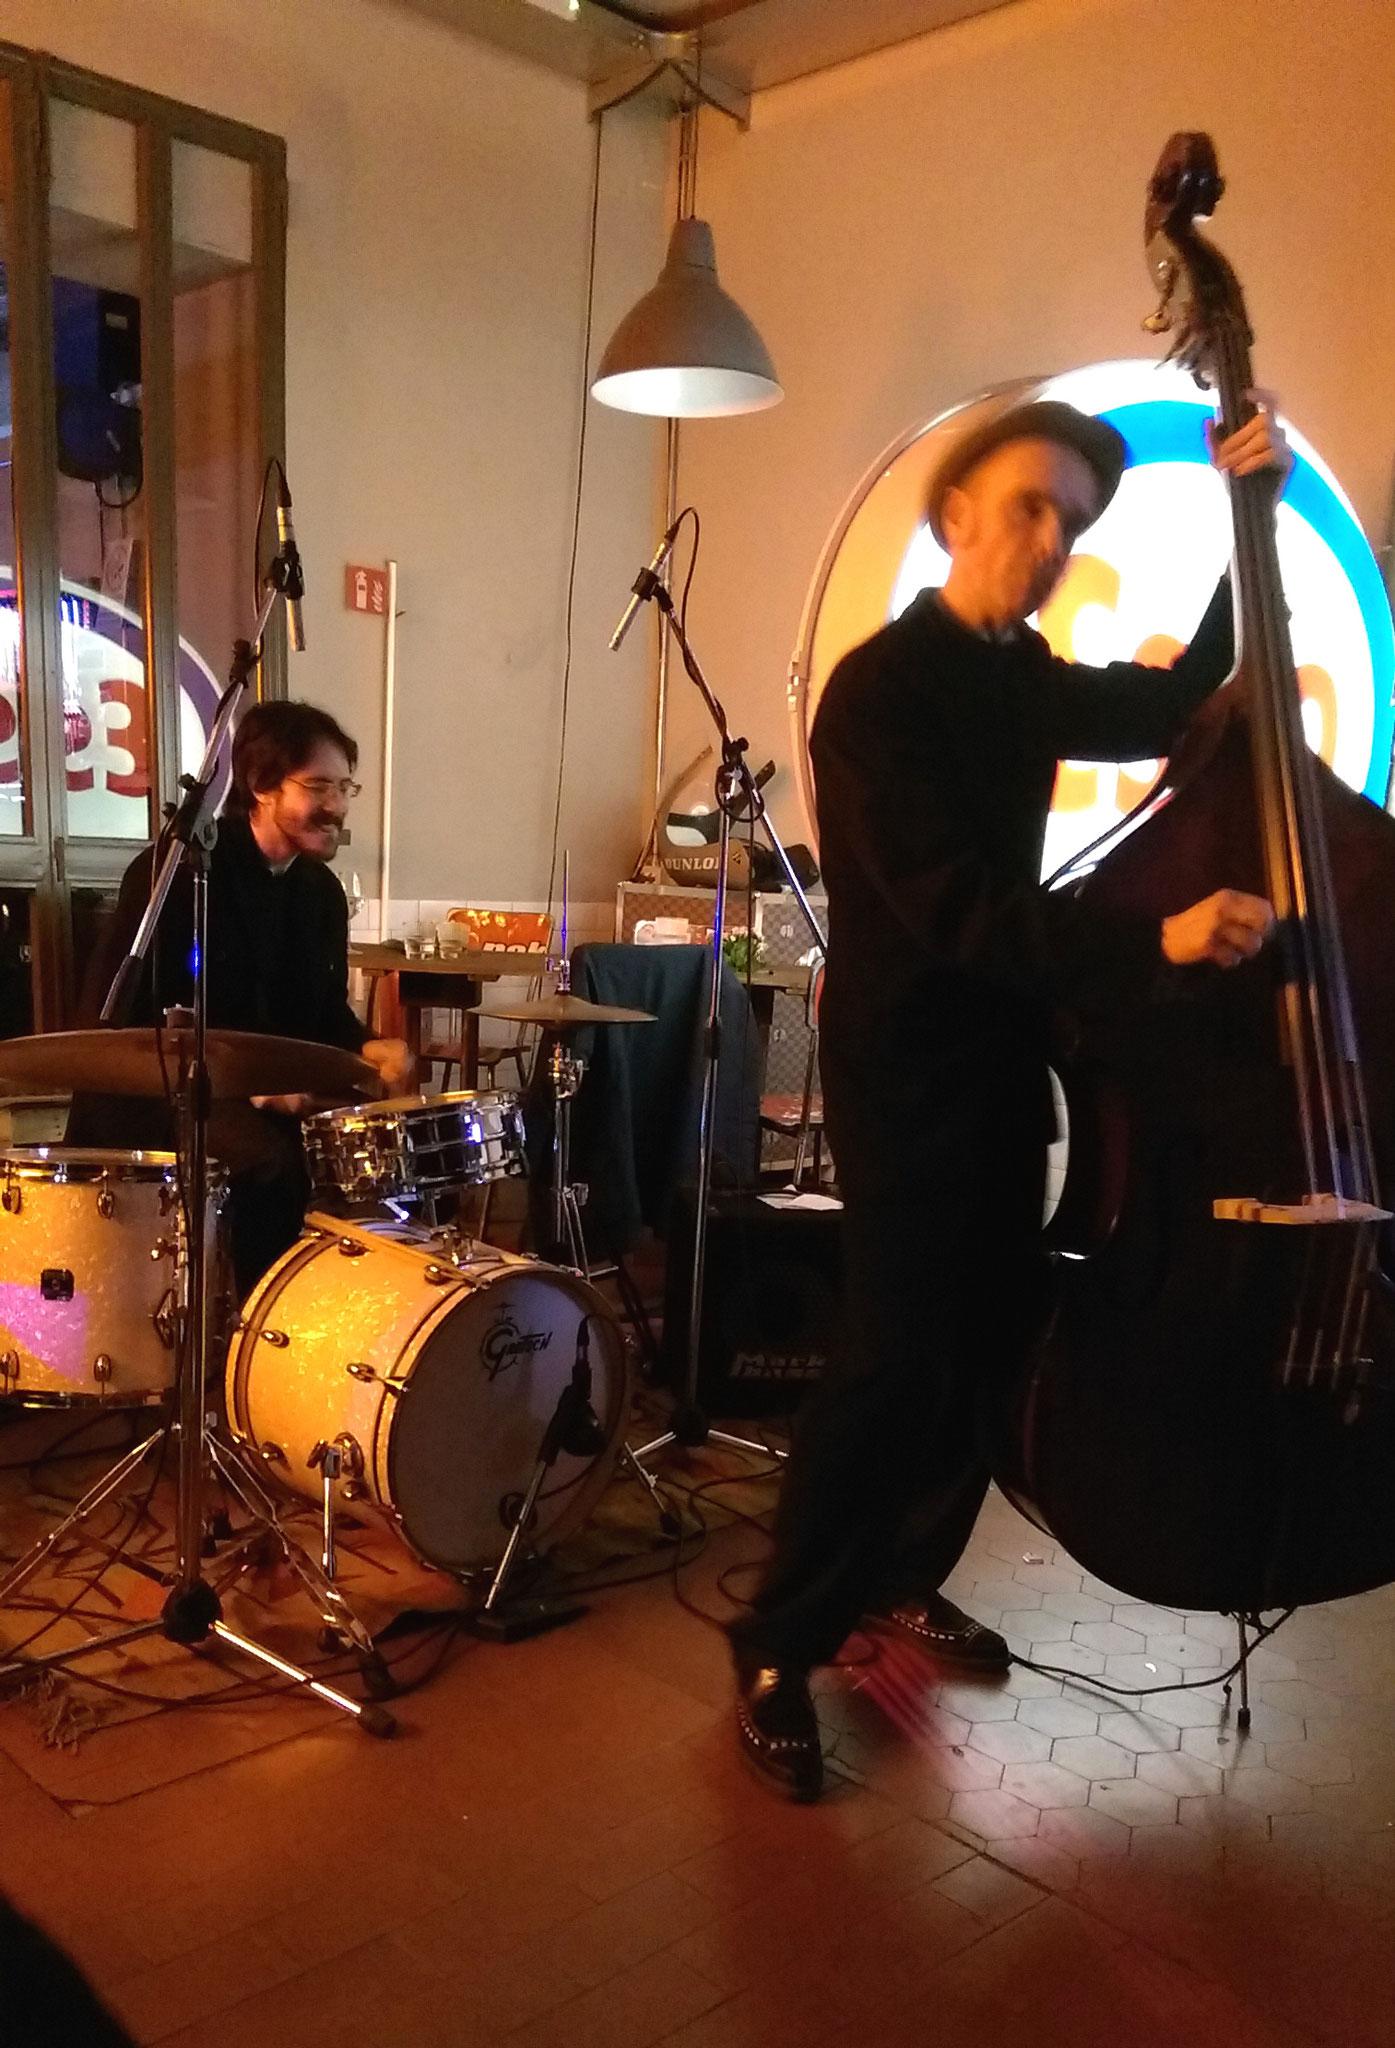 Mr. Martini - Liveband